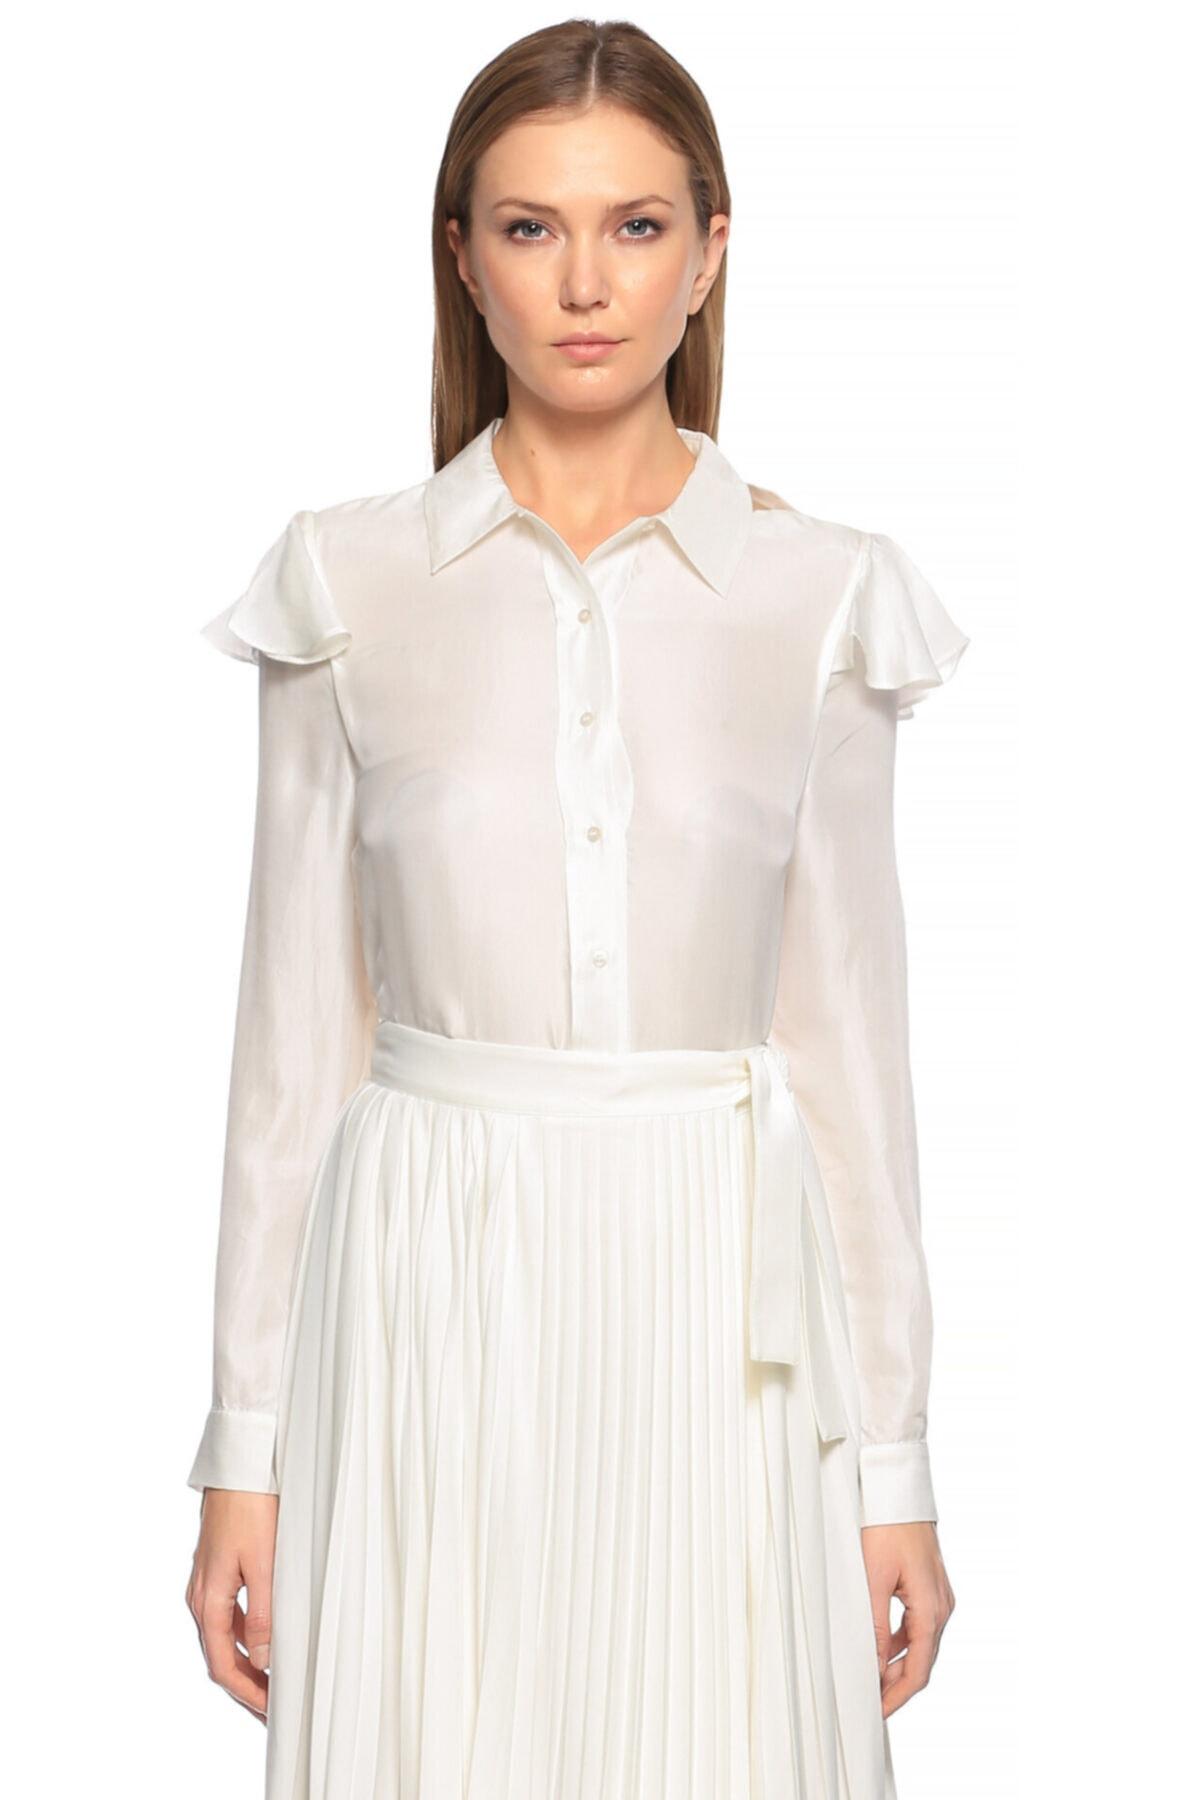 Maje Kadın Beyaz Fırfırlı Gömlek 1